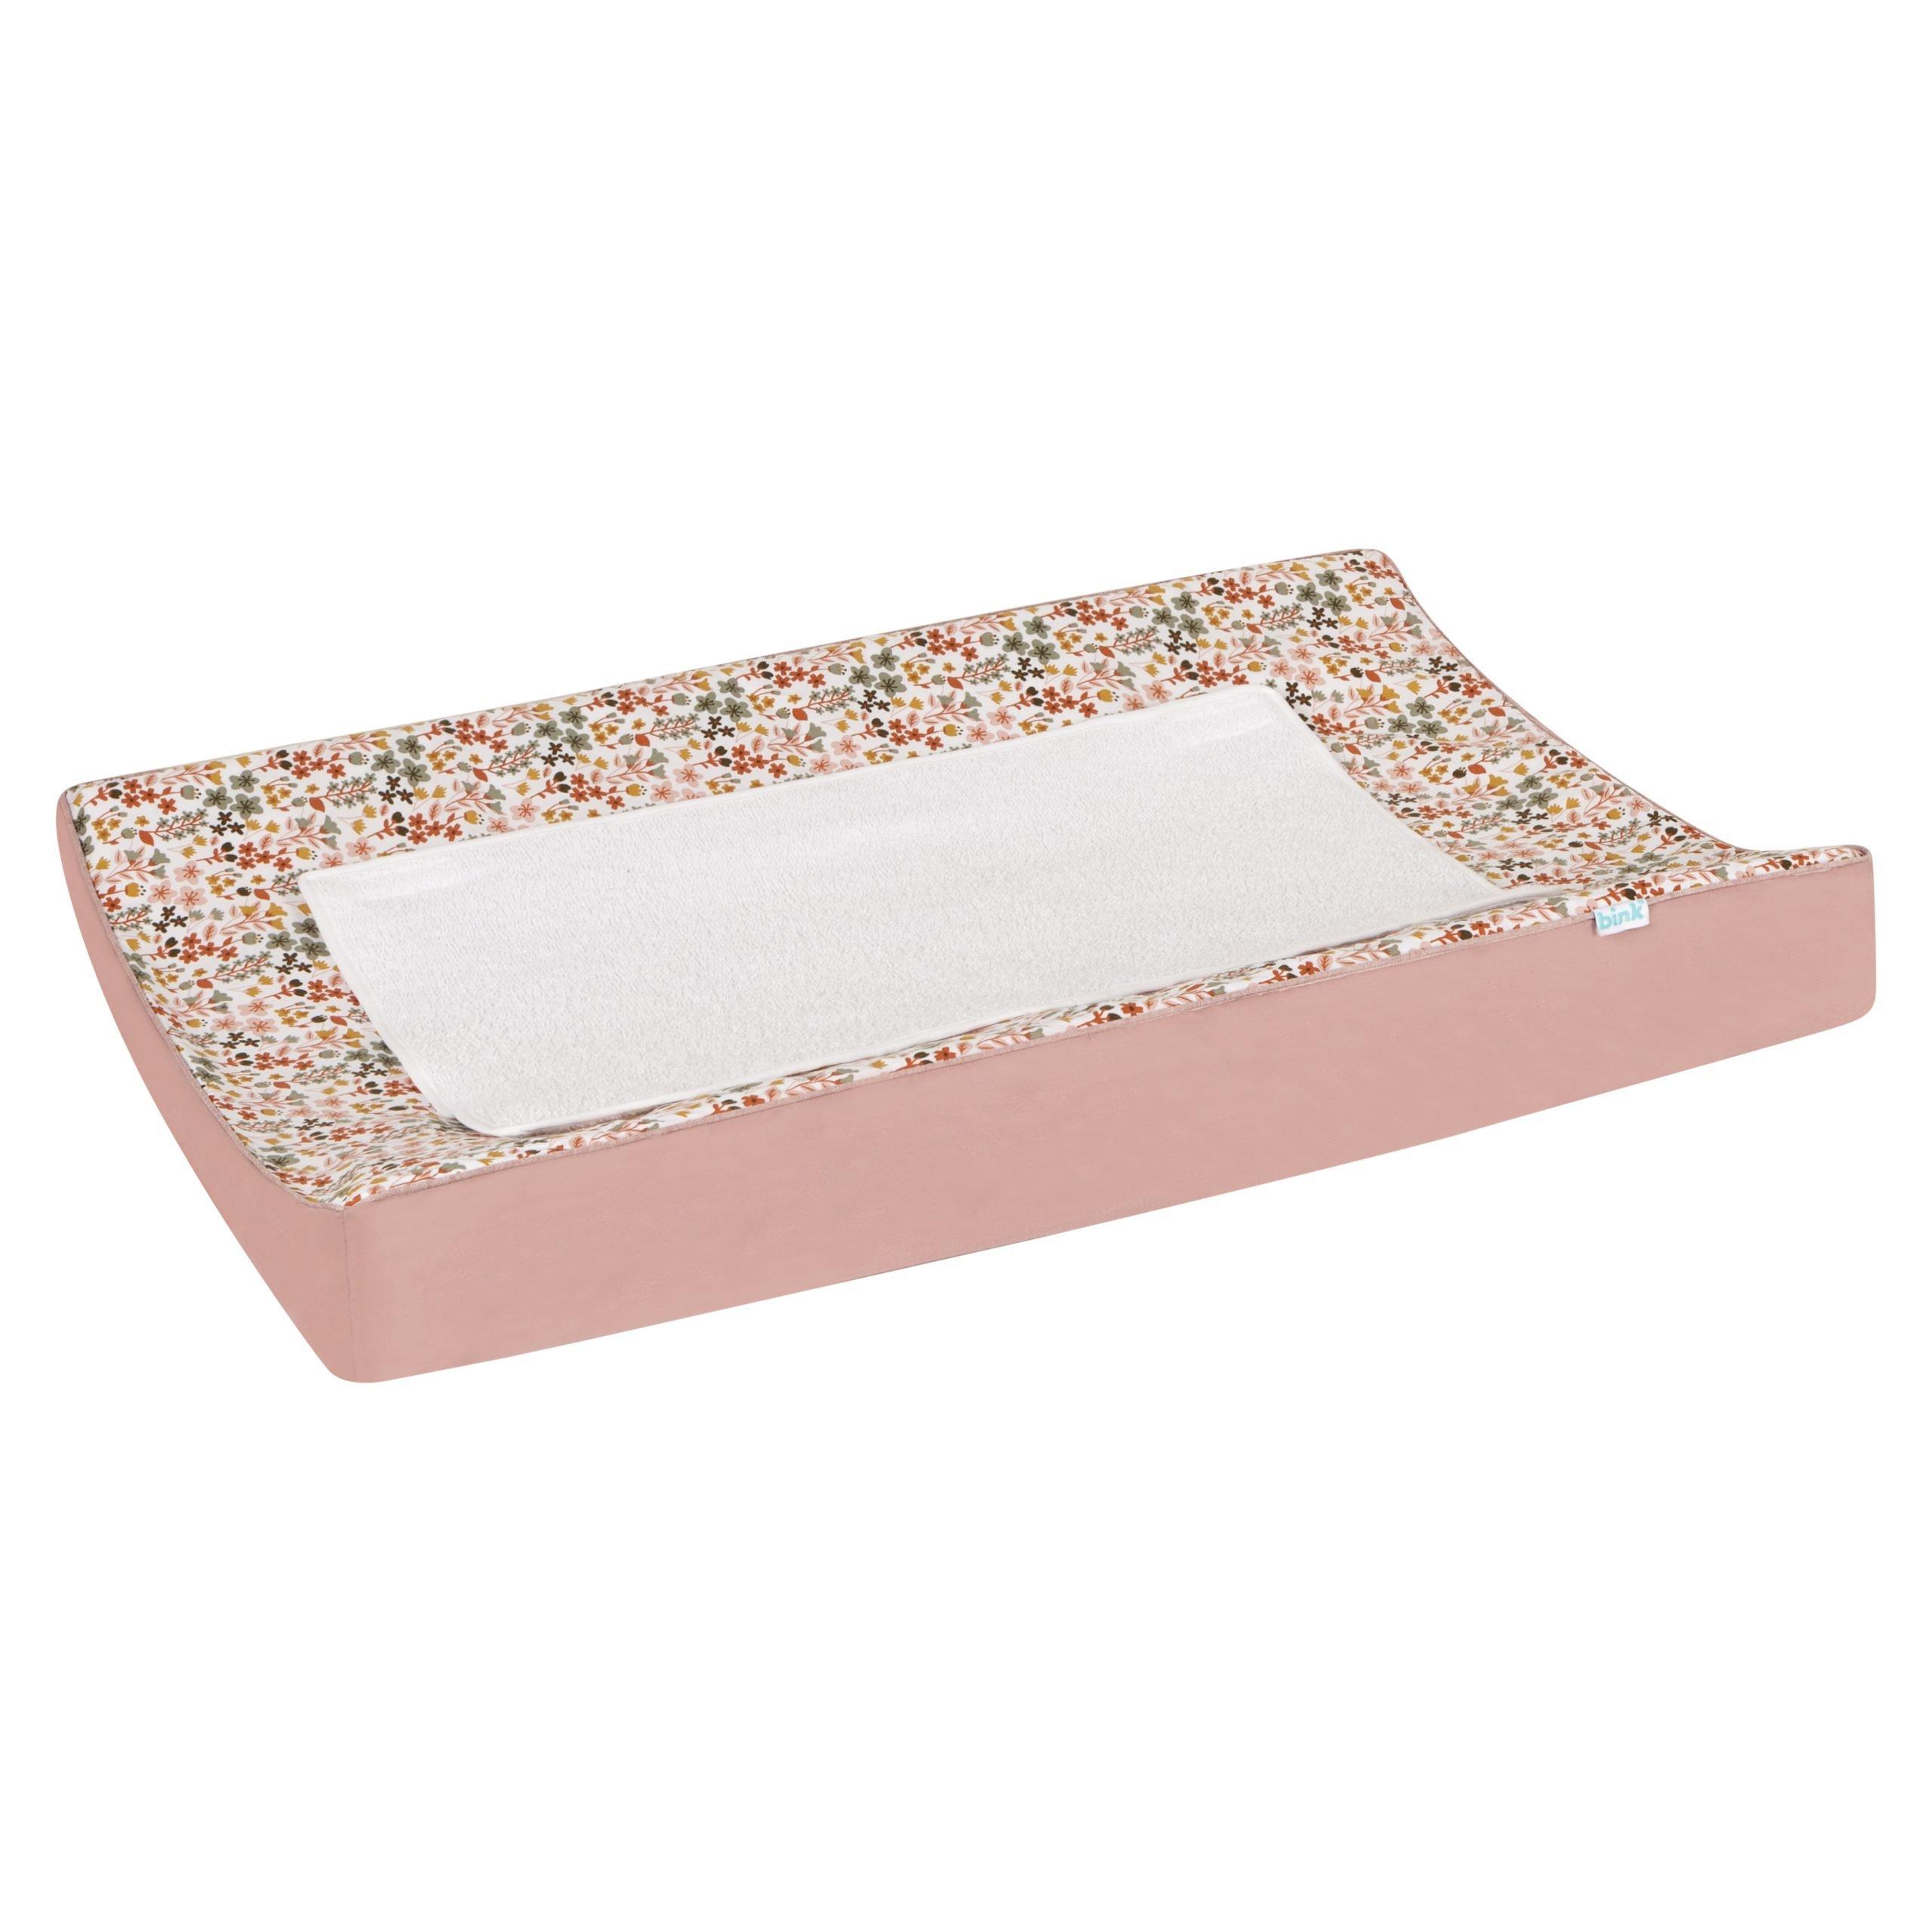 BINK Bedding waskussenhoes Dees. Waskussenhoes Dees met een vrolijk gebloemde print in mooie warme kleuren zoals oudroze, oudgroen en okergeel op een frisse witte ondergrond met een afneembaar badstof dekje.